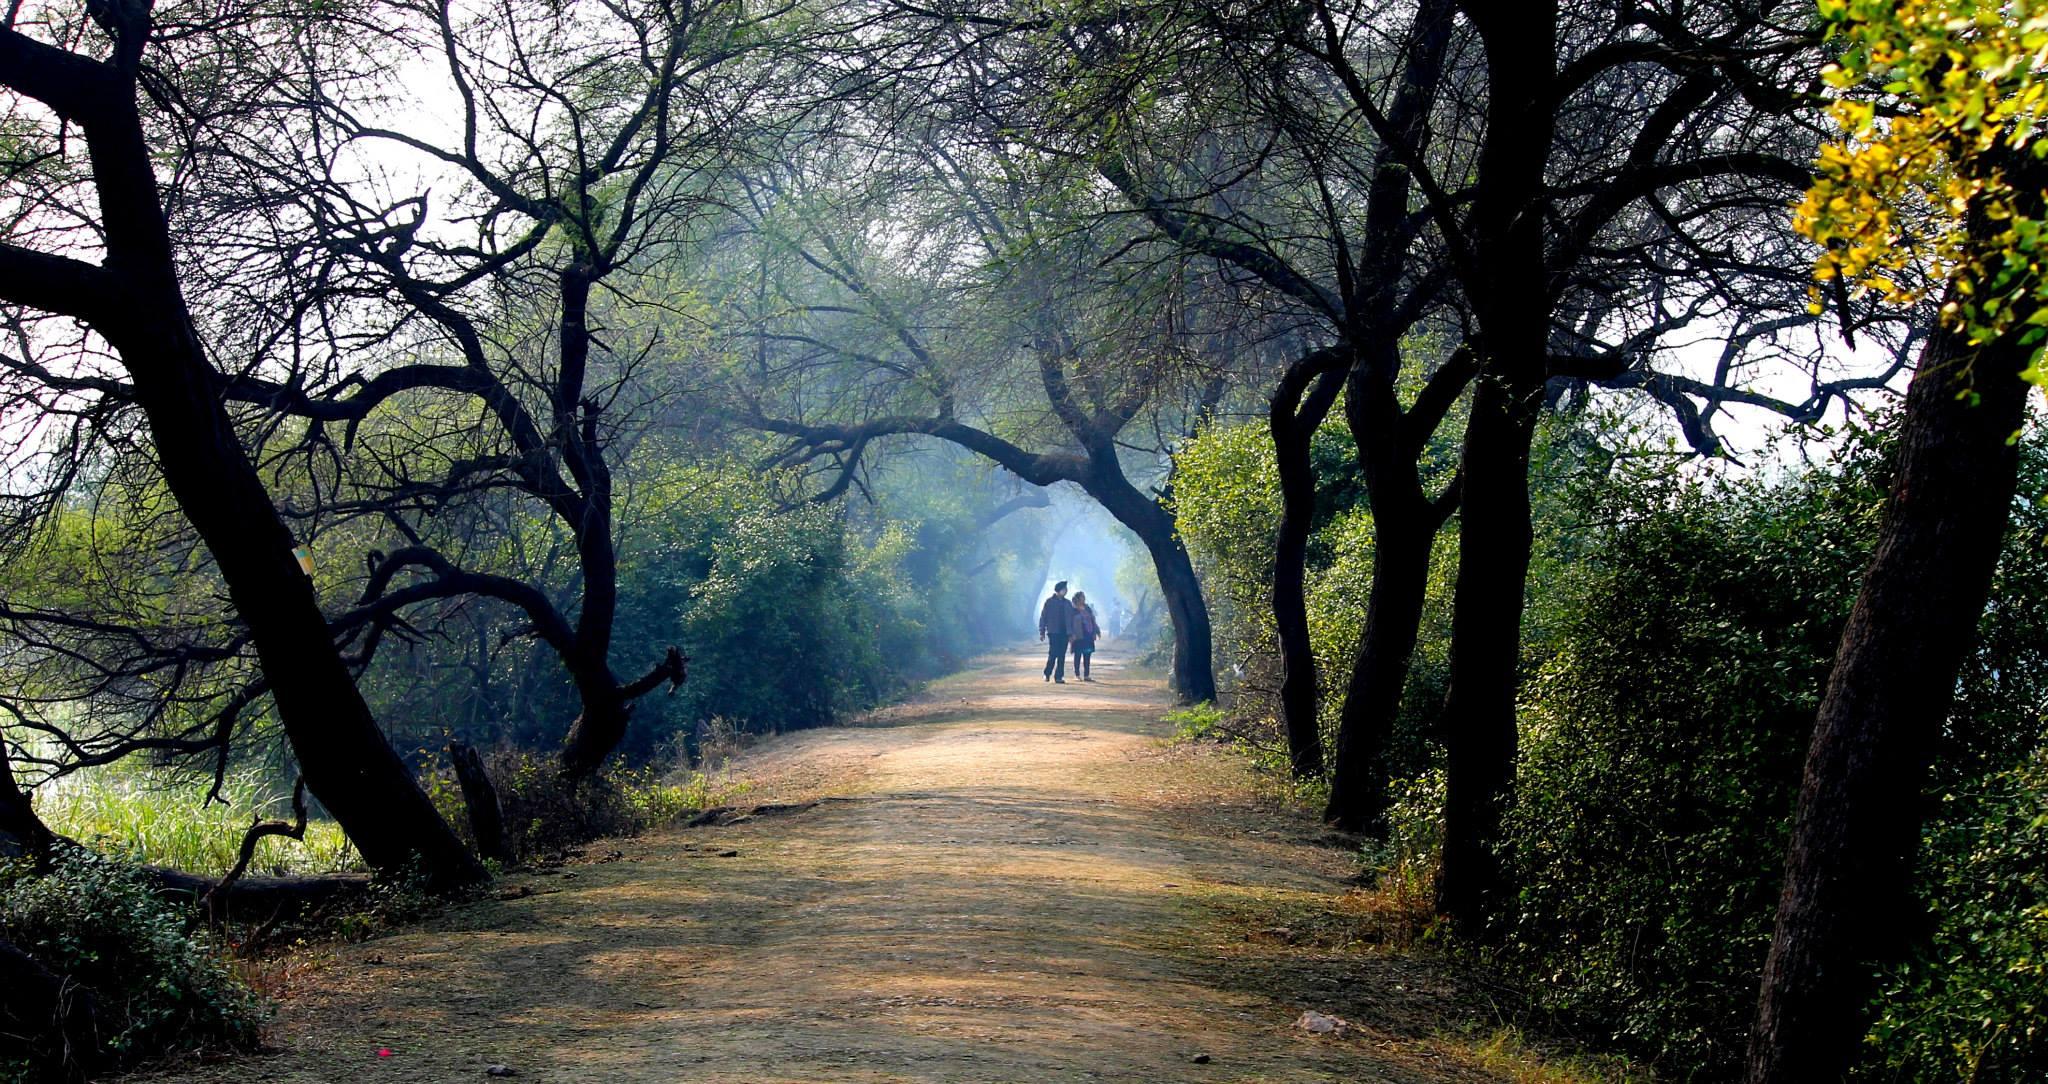 Picnic Spots Near Delhi, Keoladeo National Park